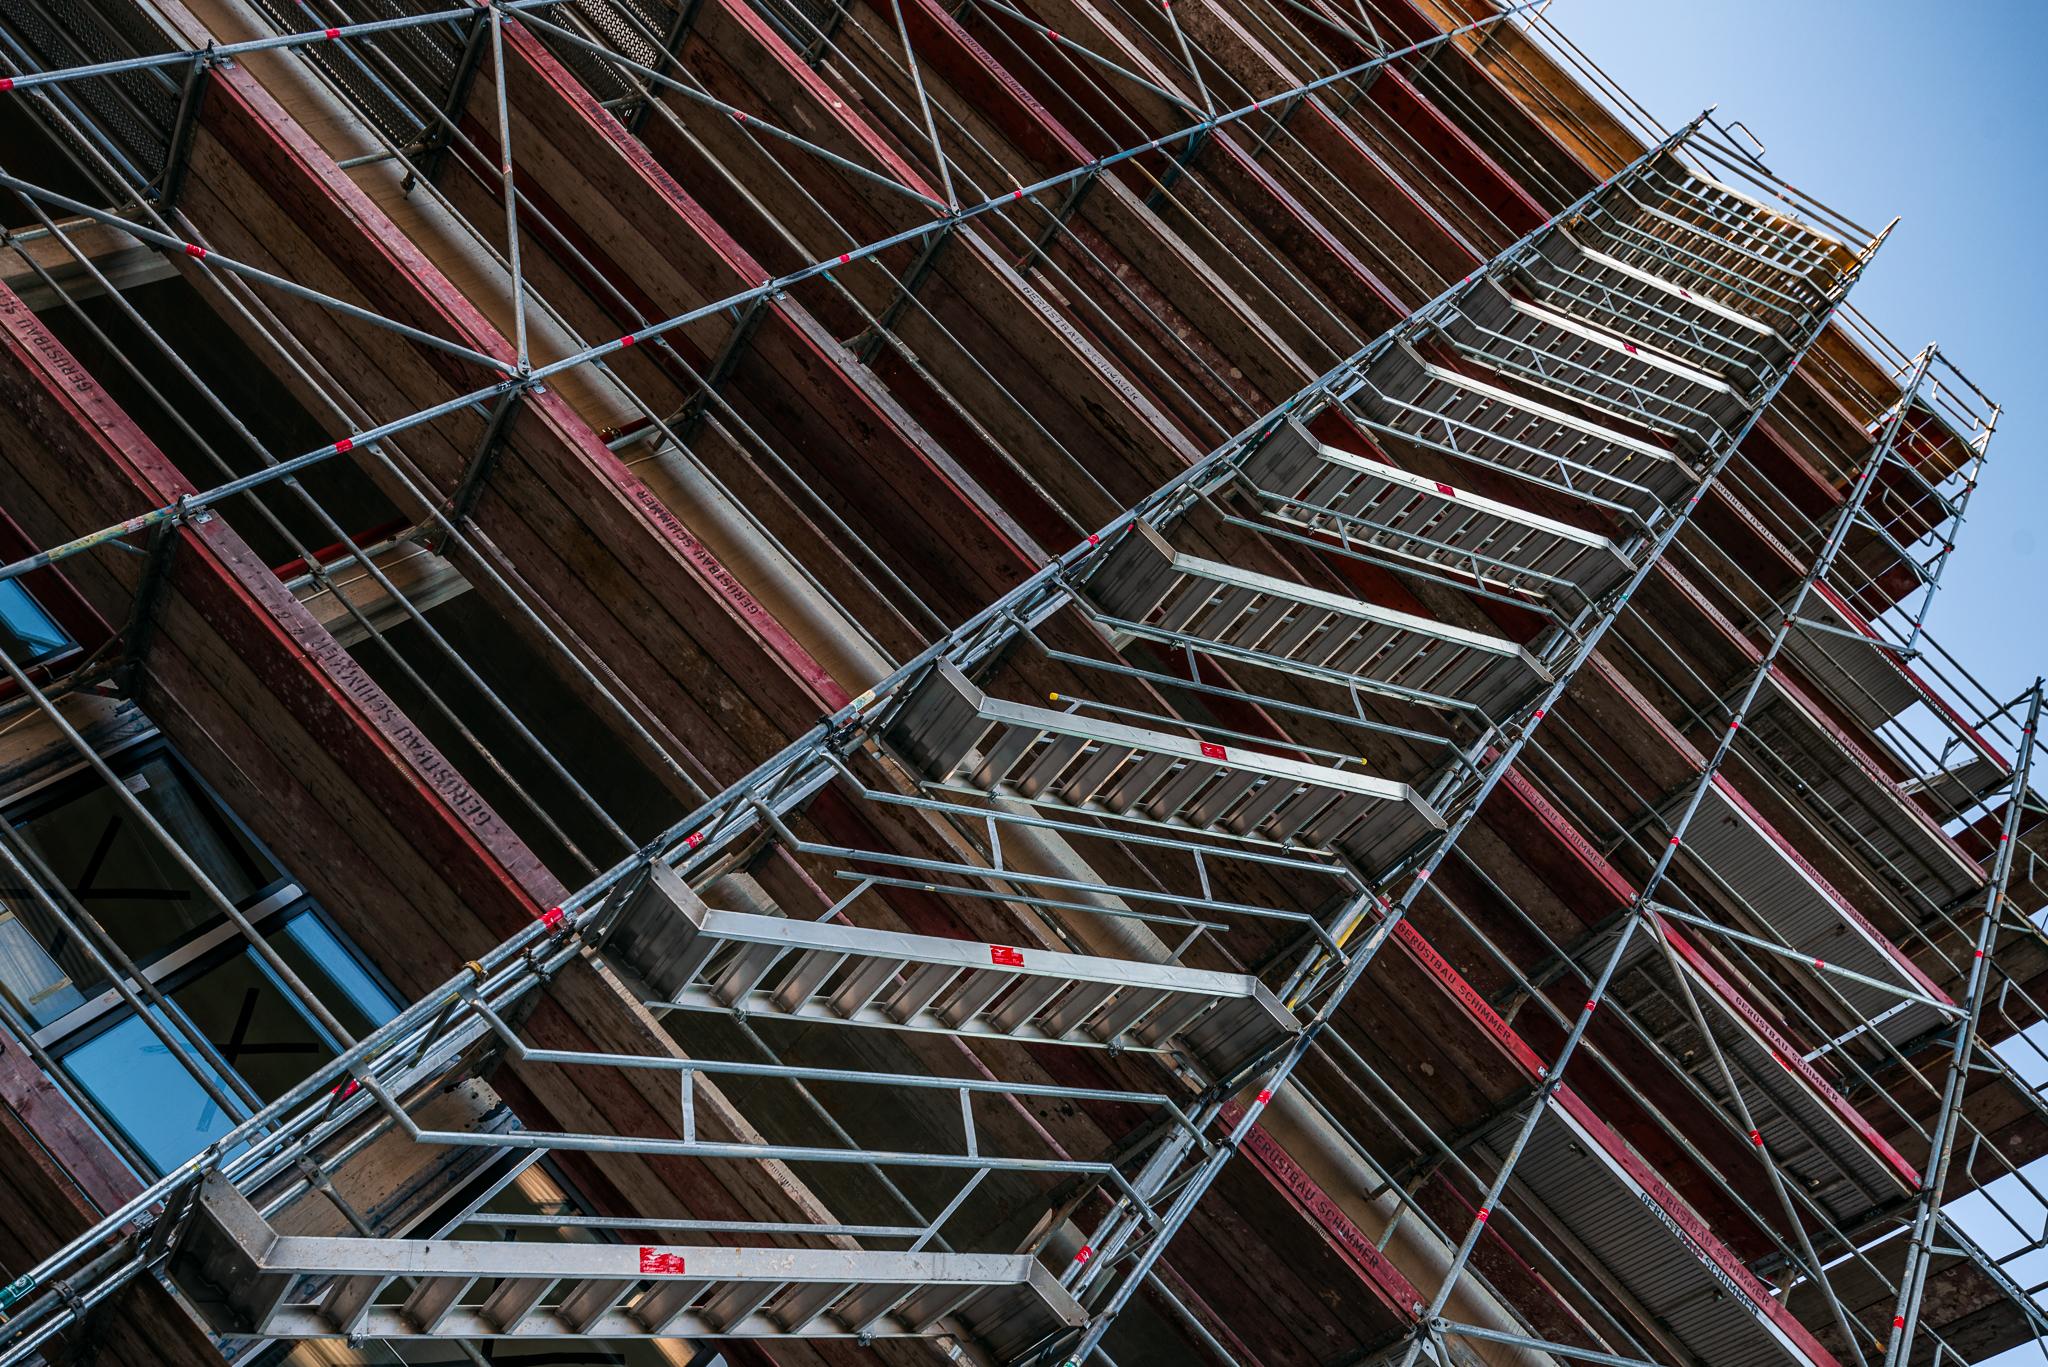 Treppe am Gerüst des Baus